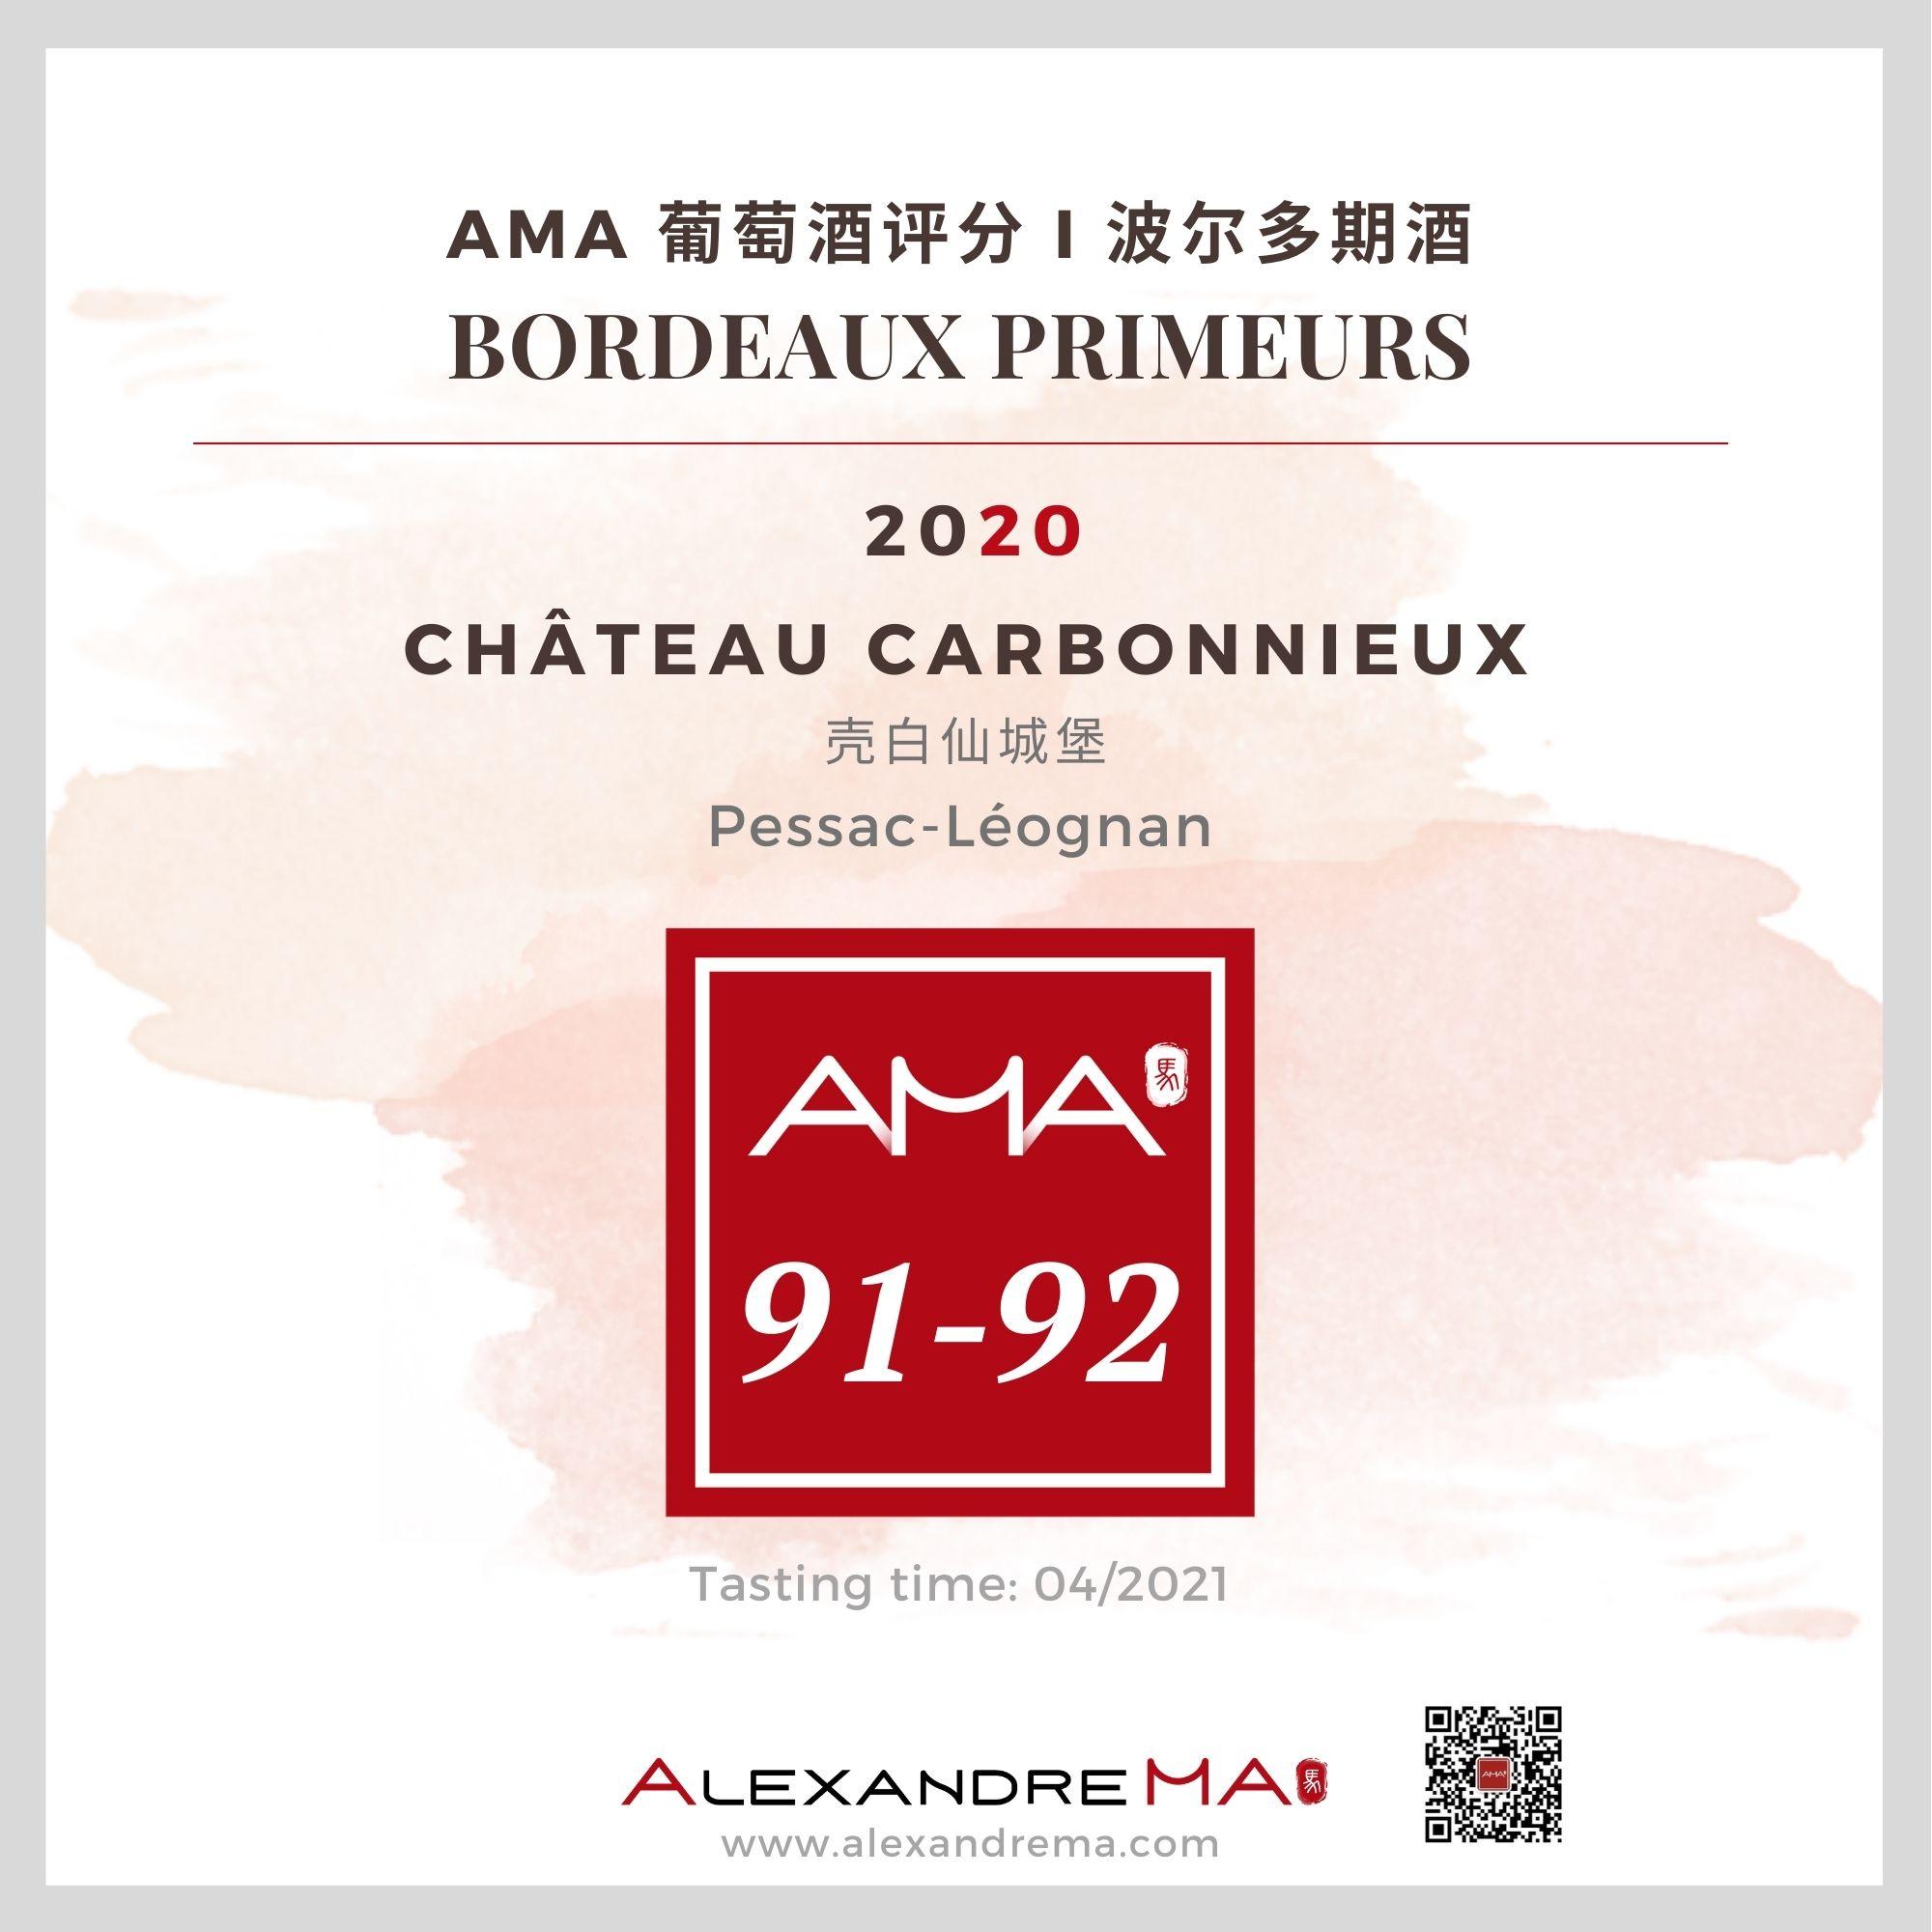 Château Carbonnieux 2020 - Alexandre MA